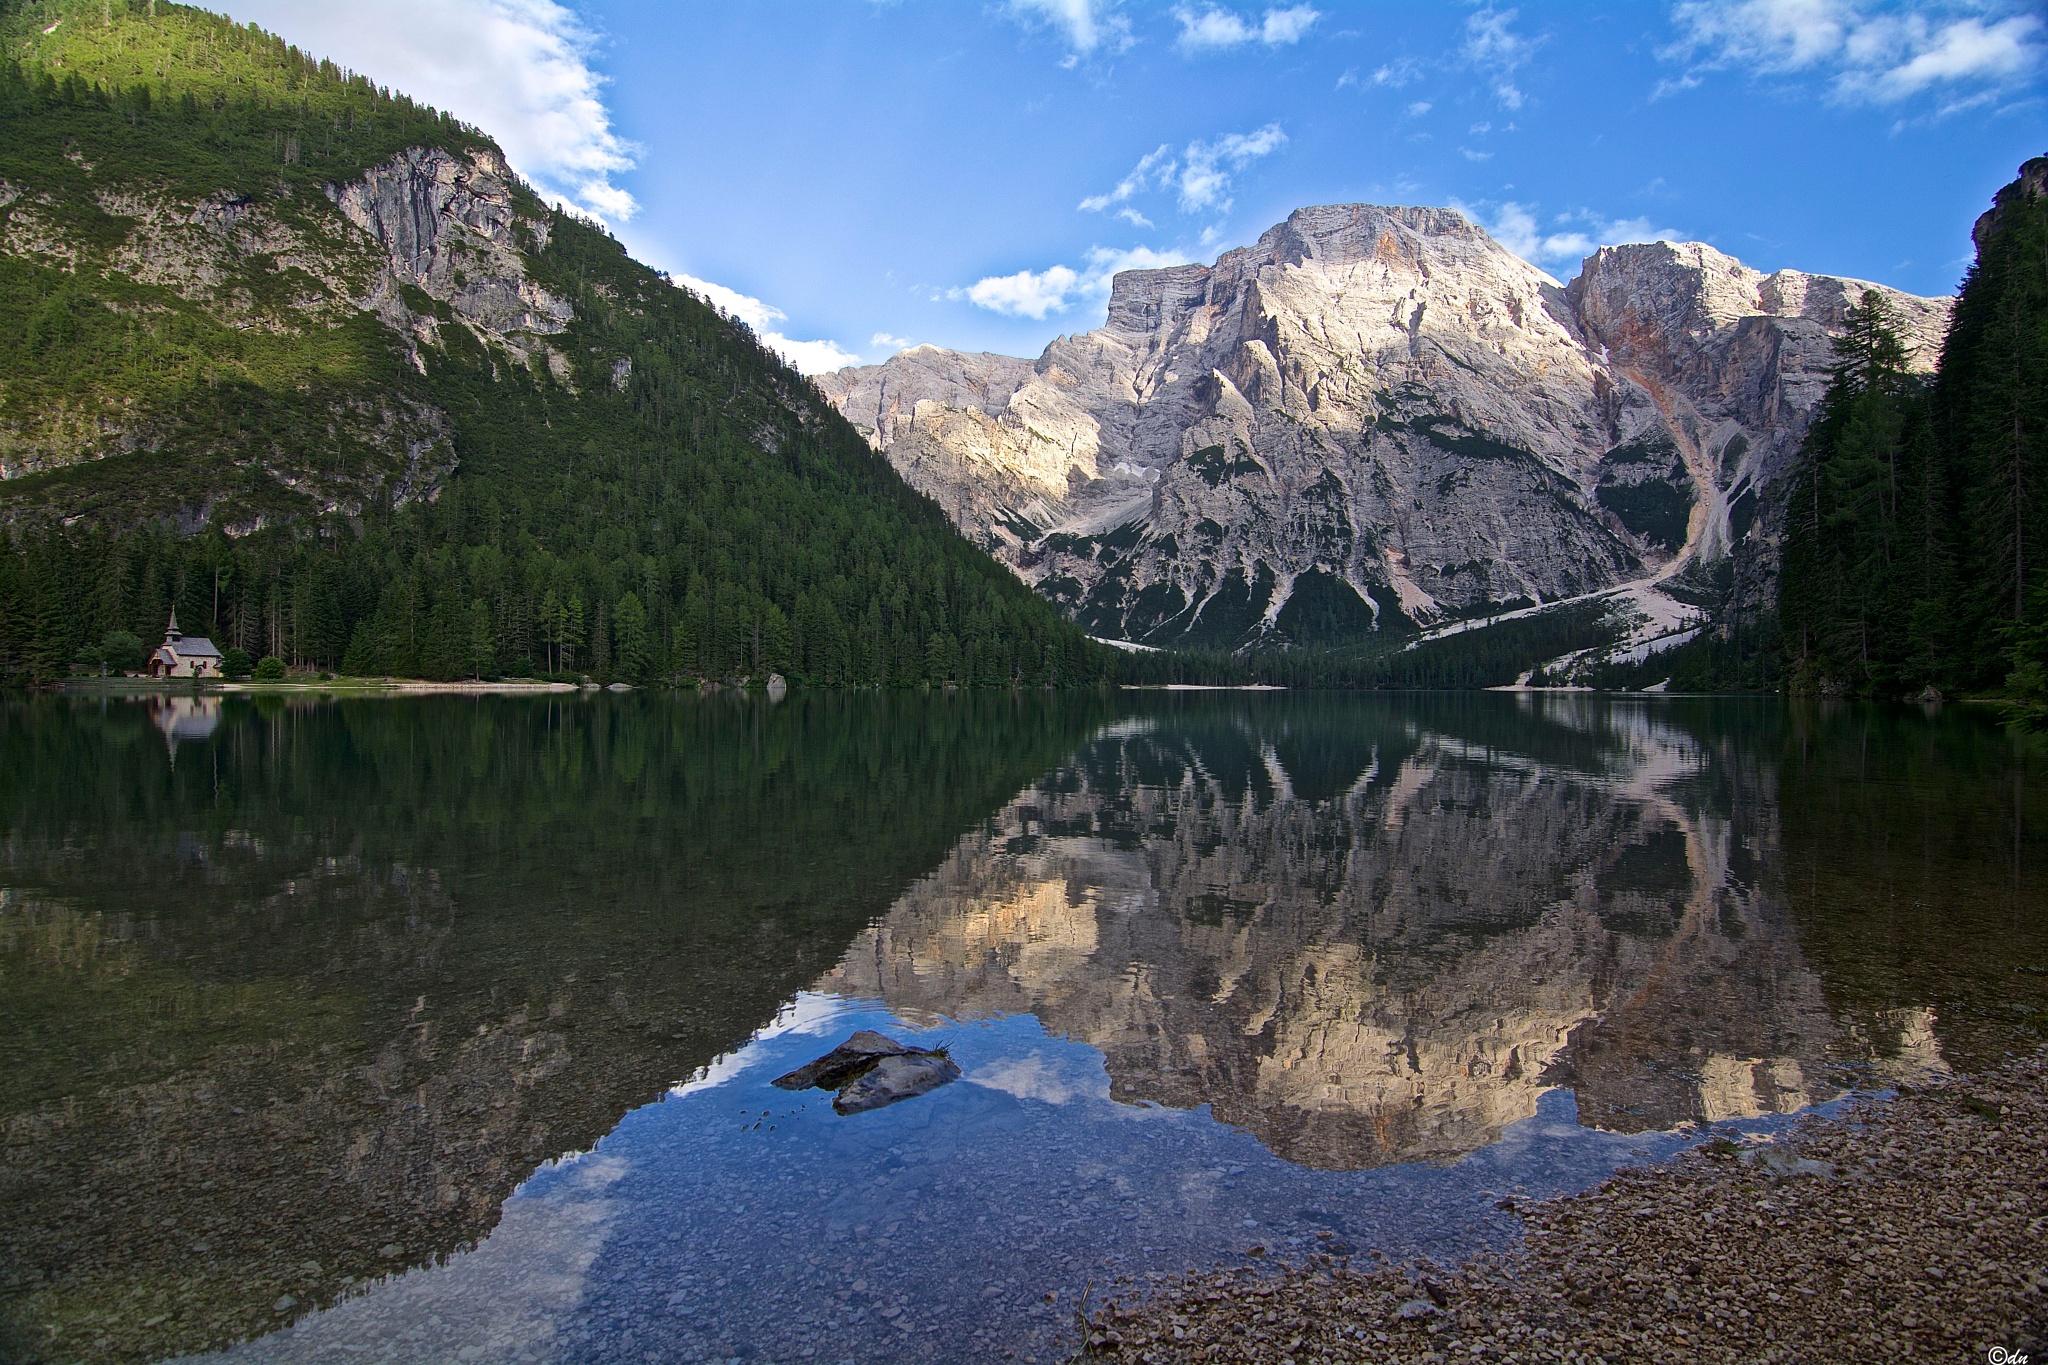 lago di Braies  by DavideNegro